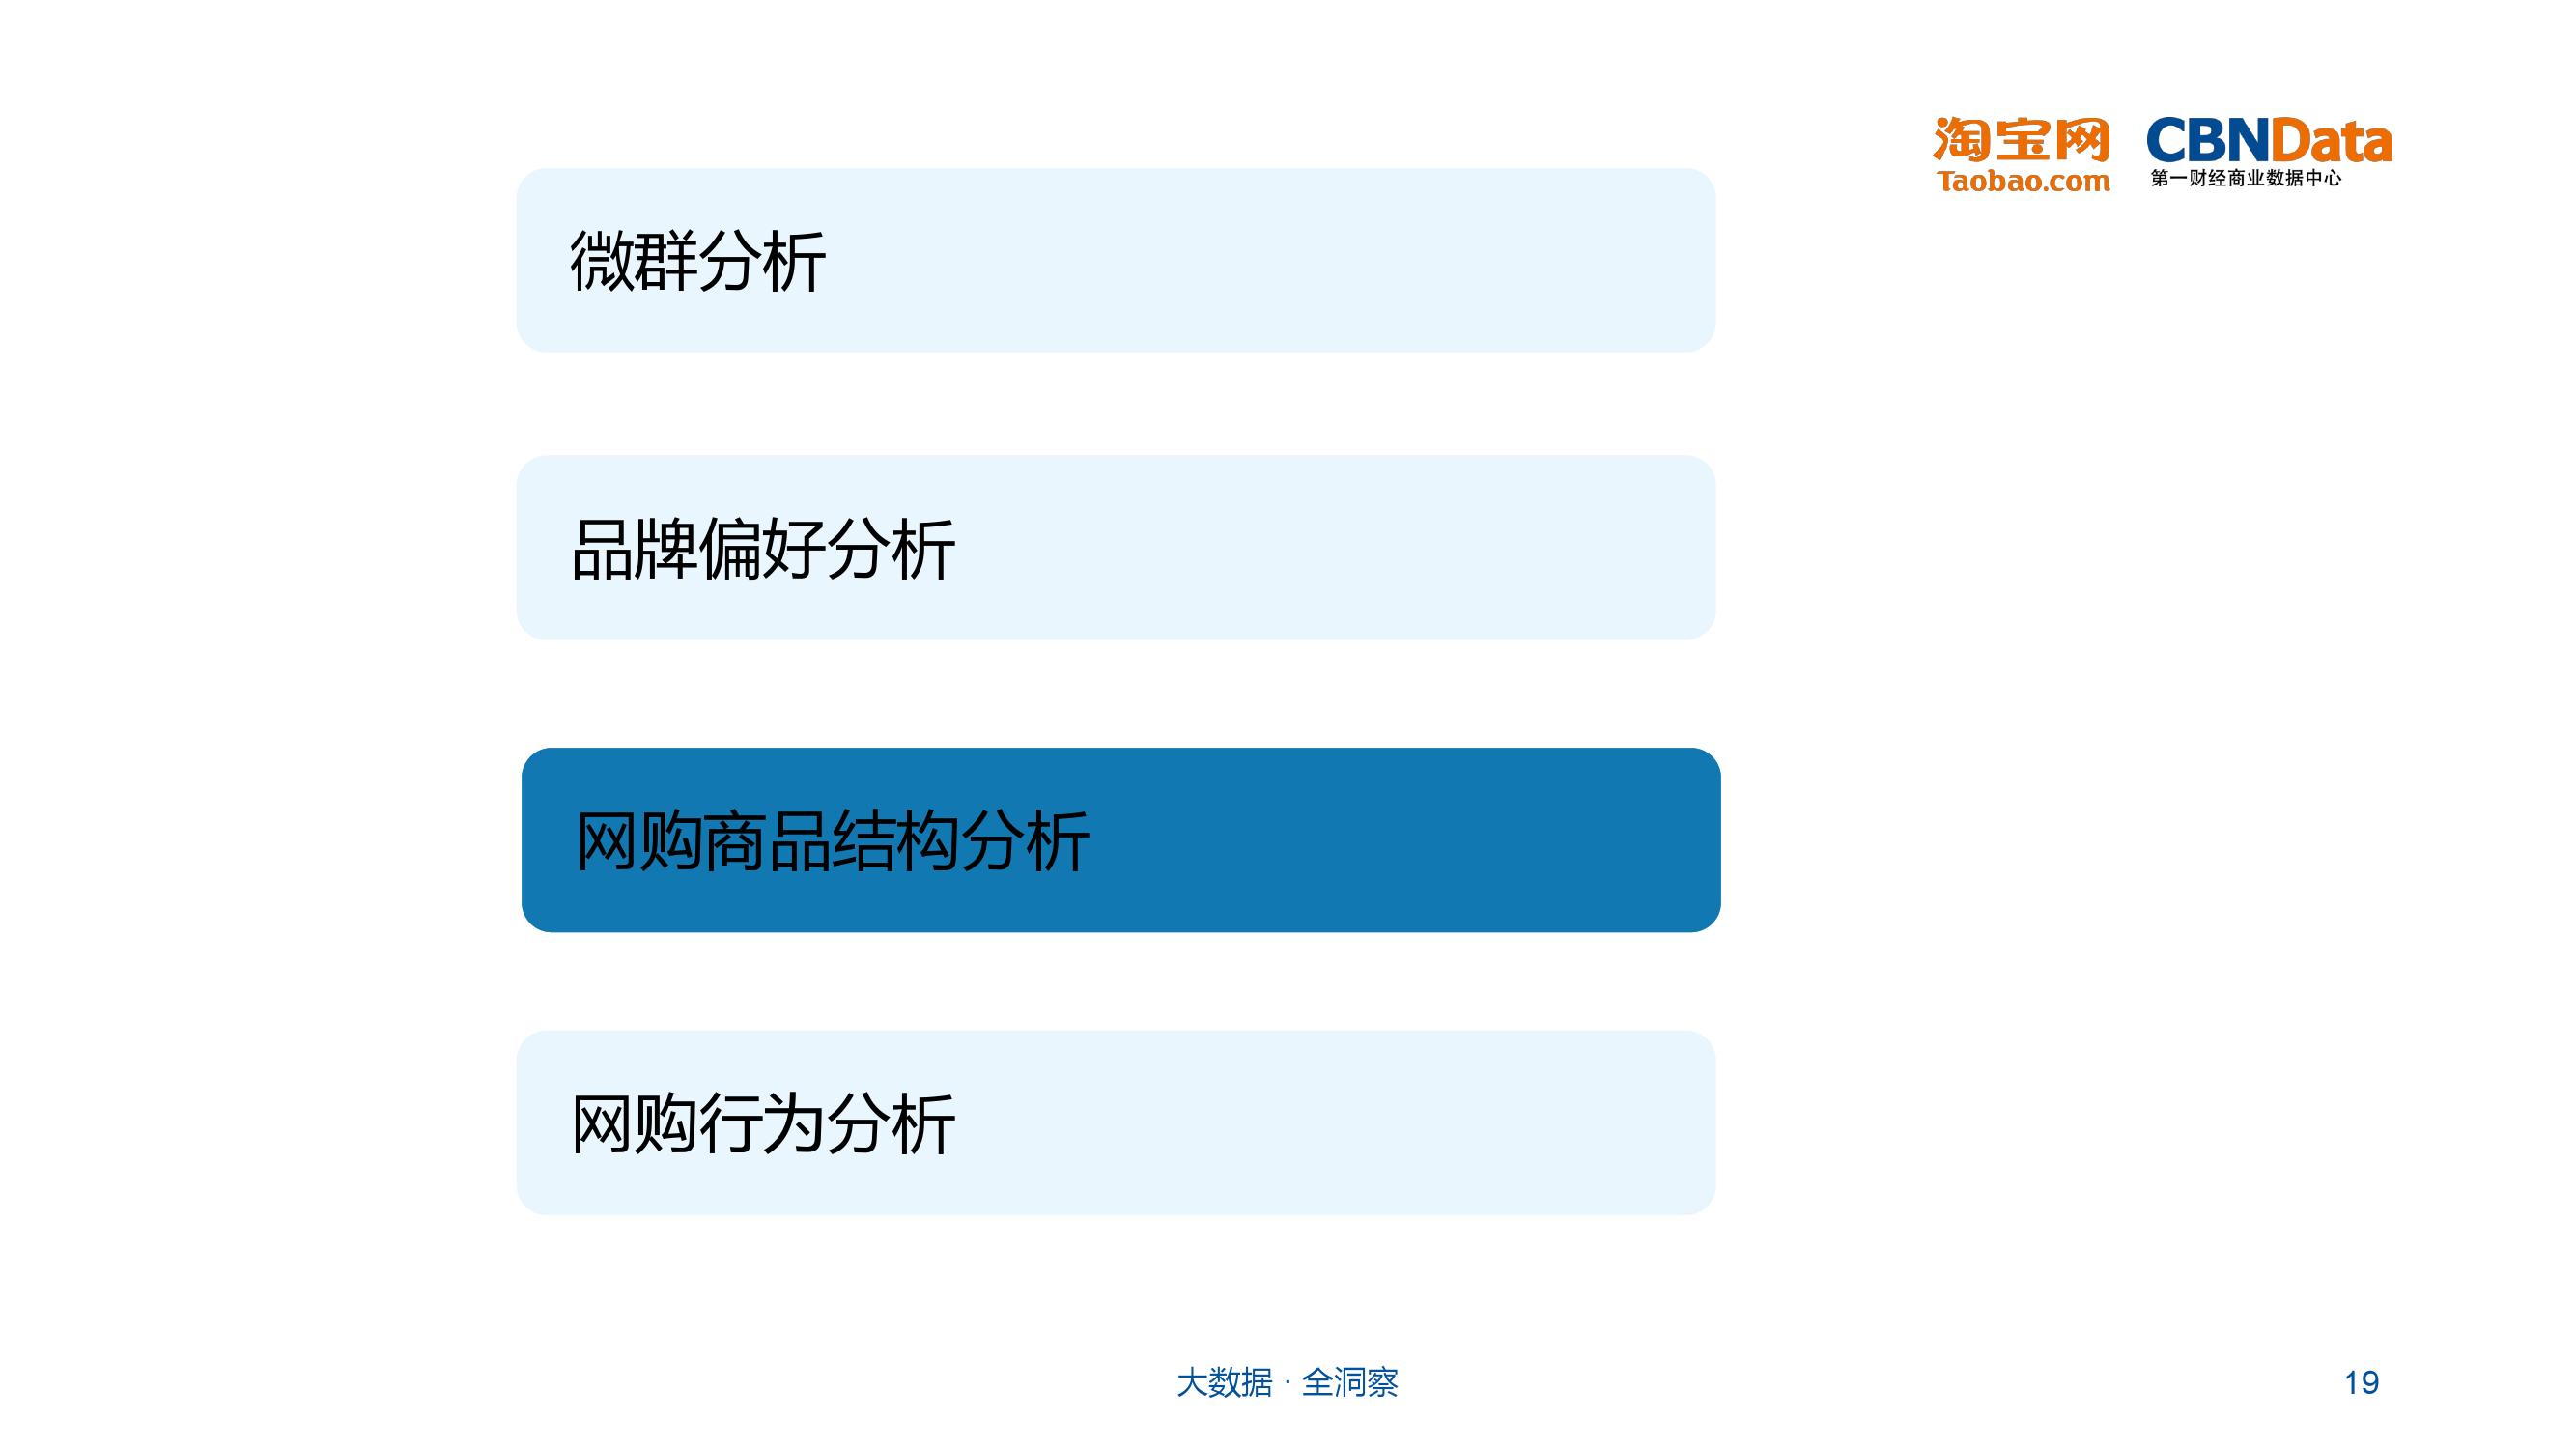 大学生群体网购行为分析_000019